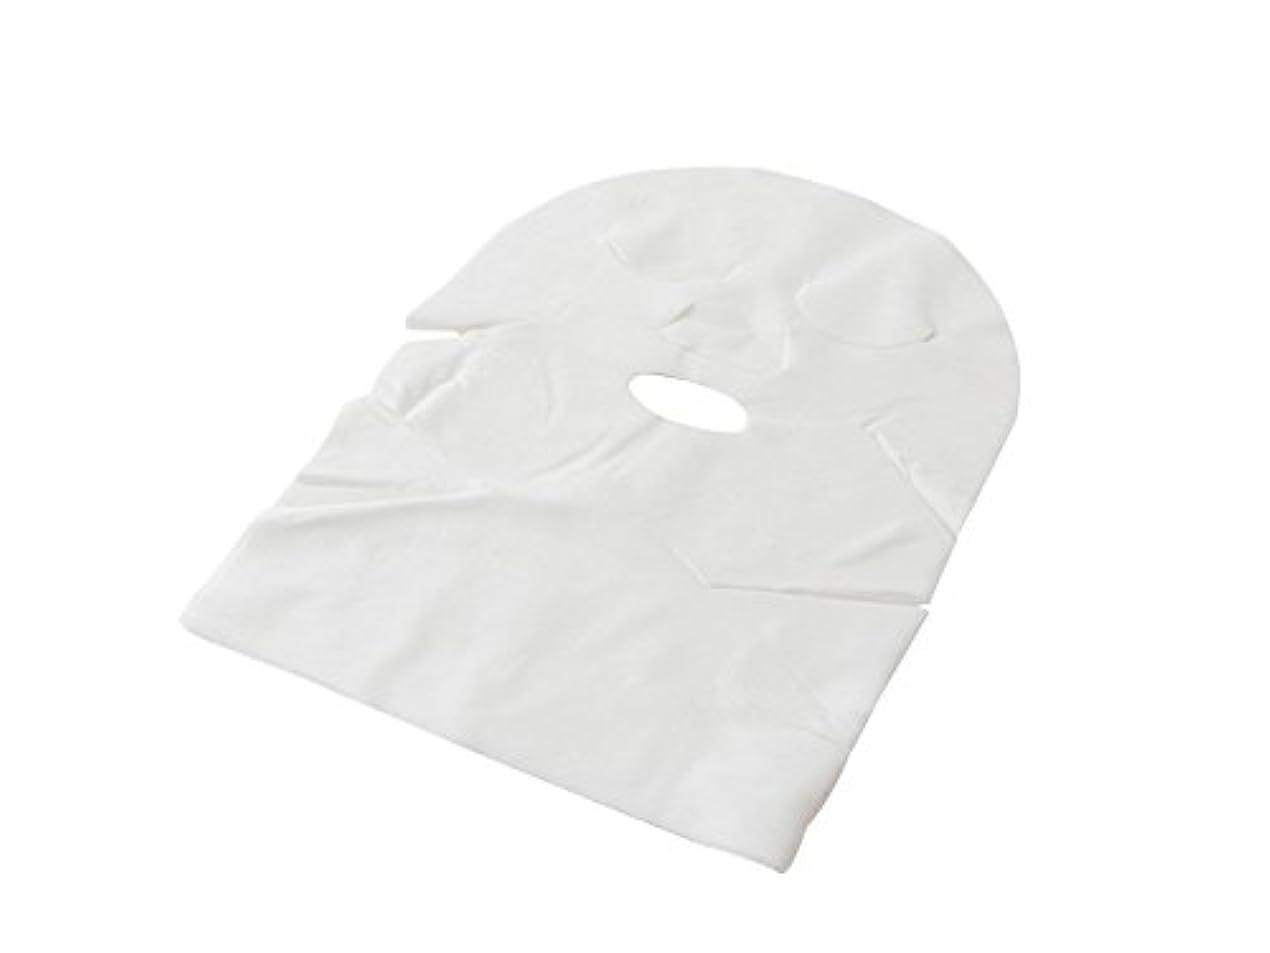 【業務用 高品質】フェイスマスク フェイスシート ネック付 化粧水パック/ローションパック用